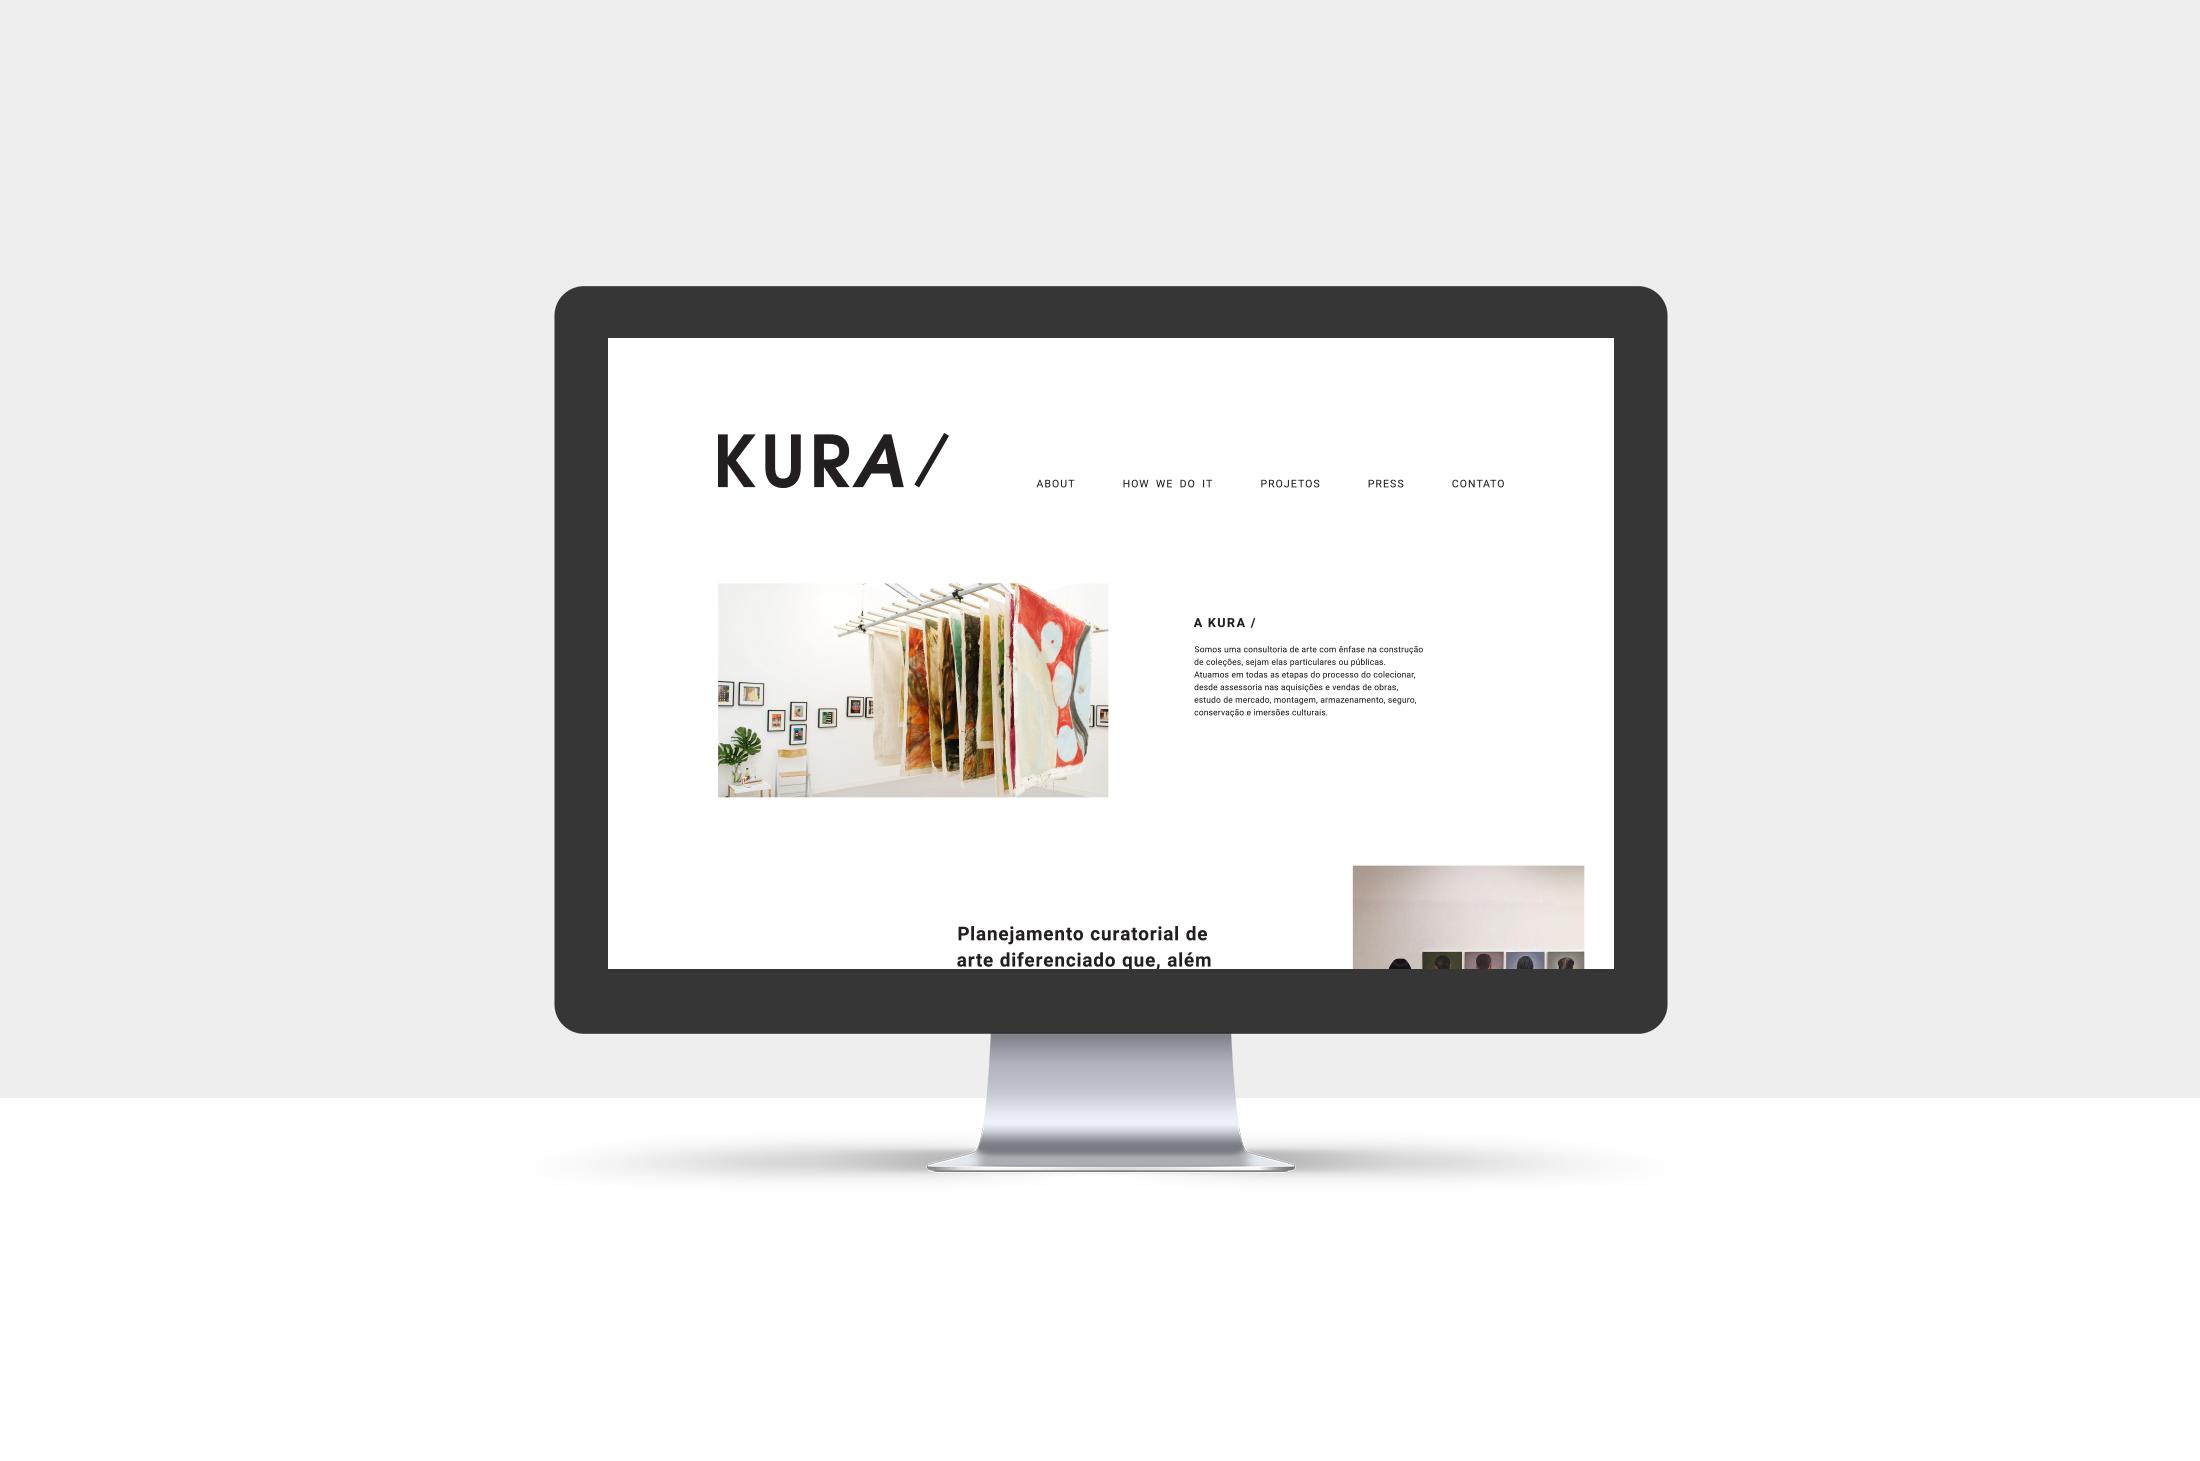 KURA_layout01_home.png